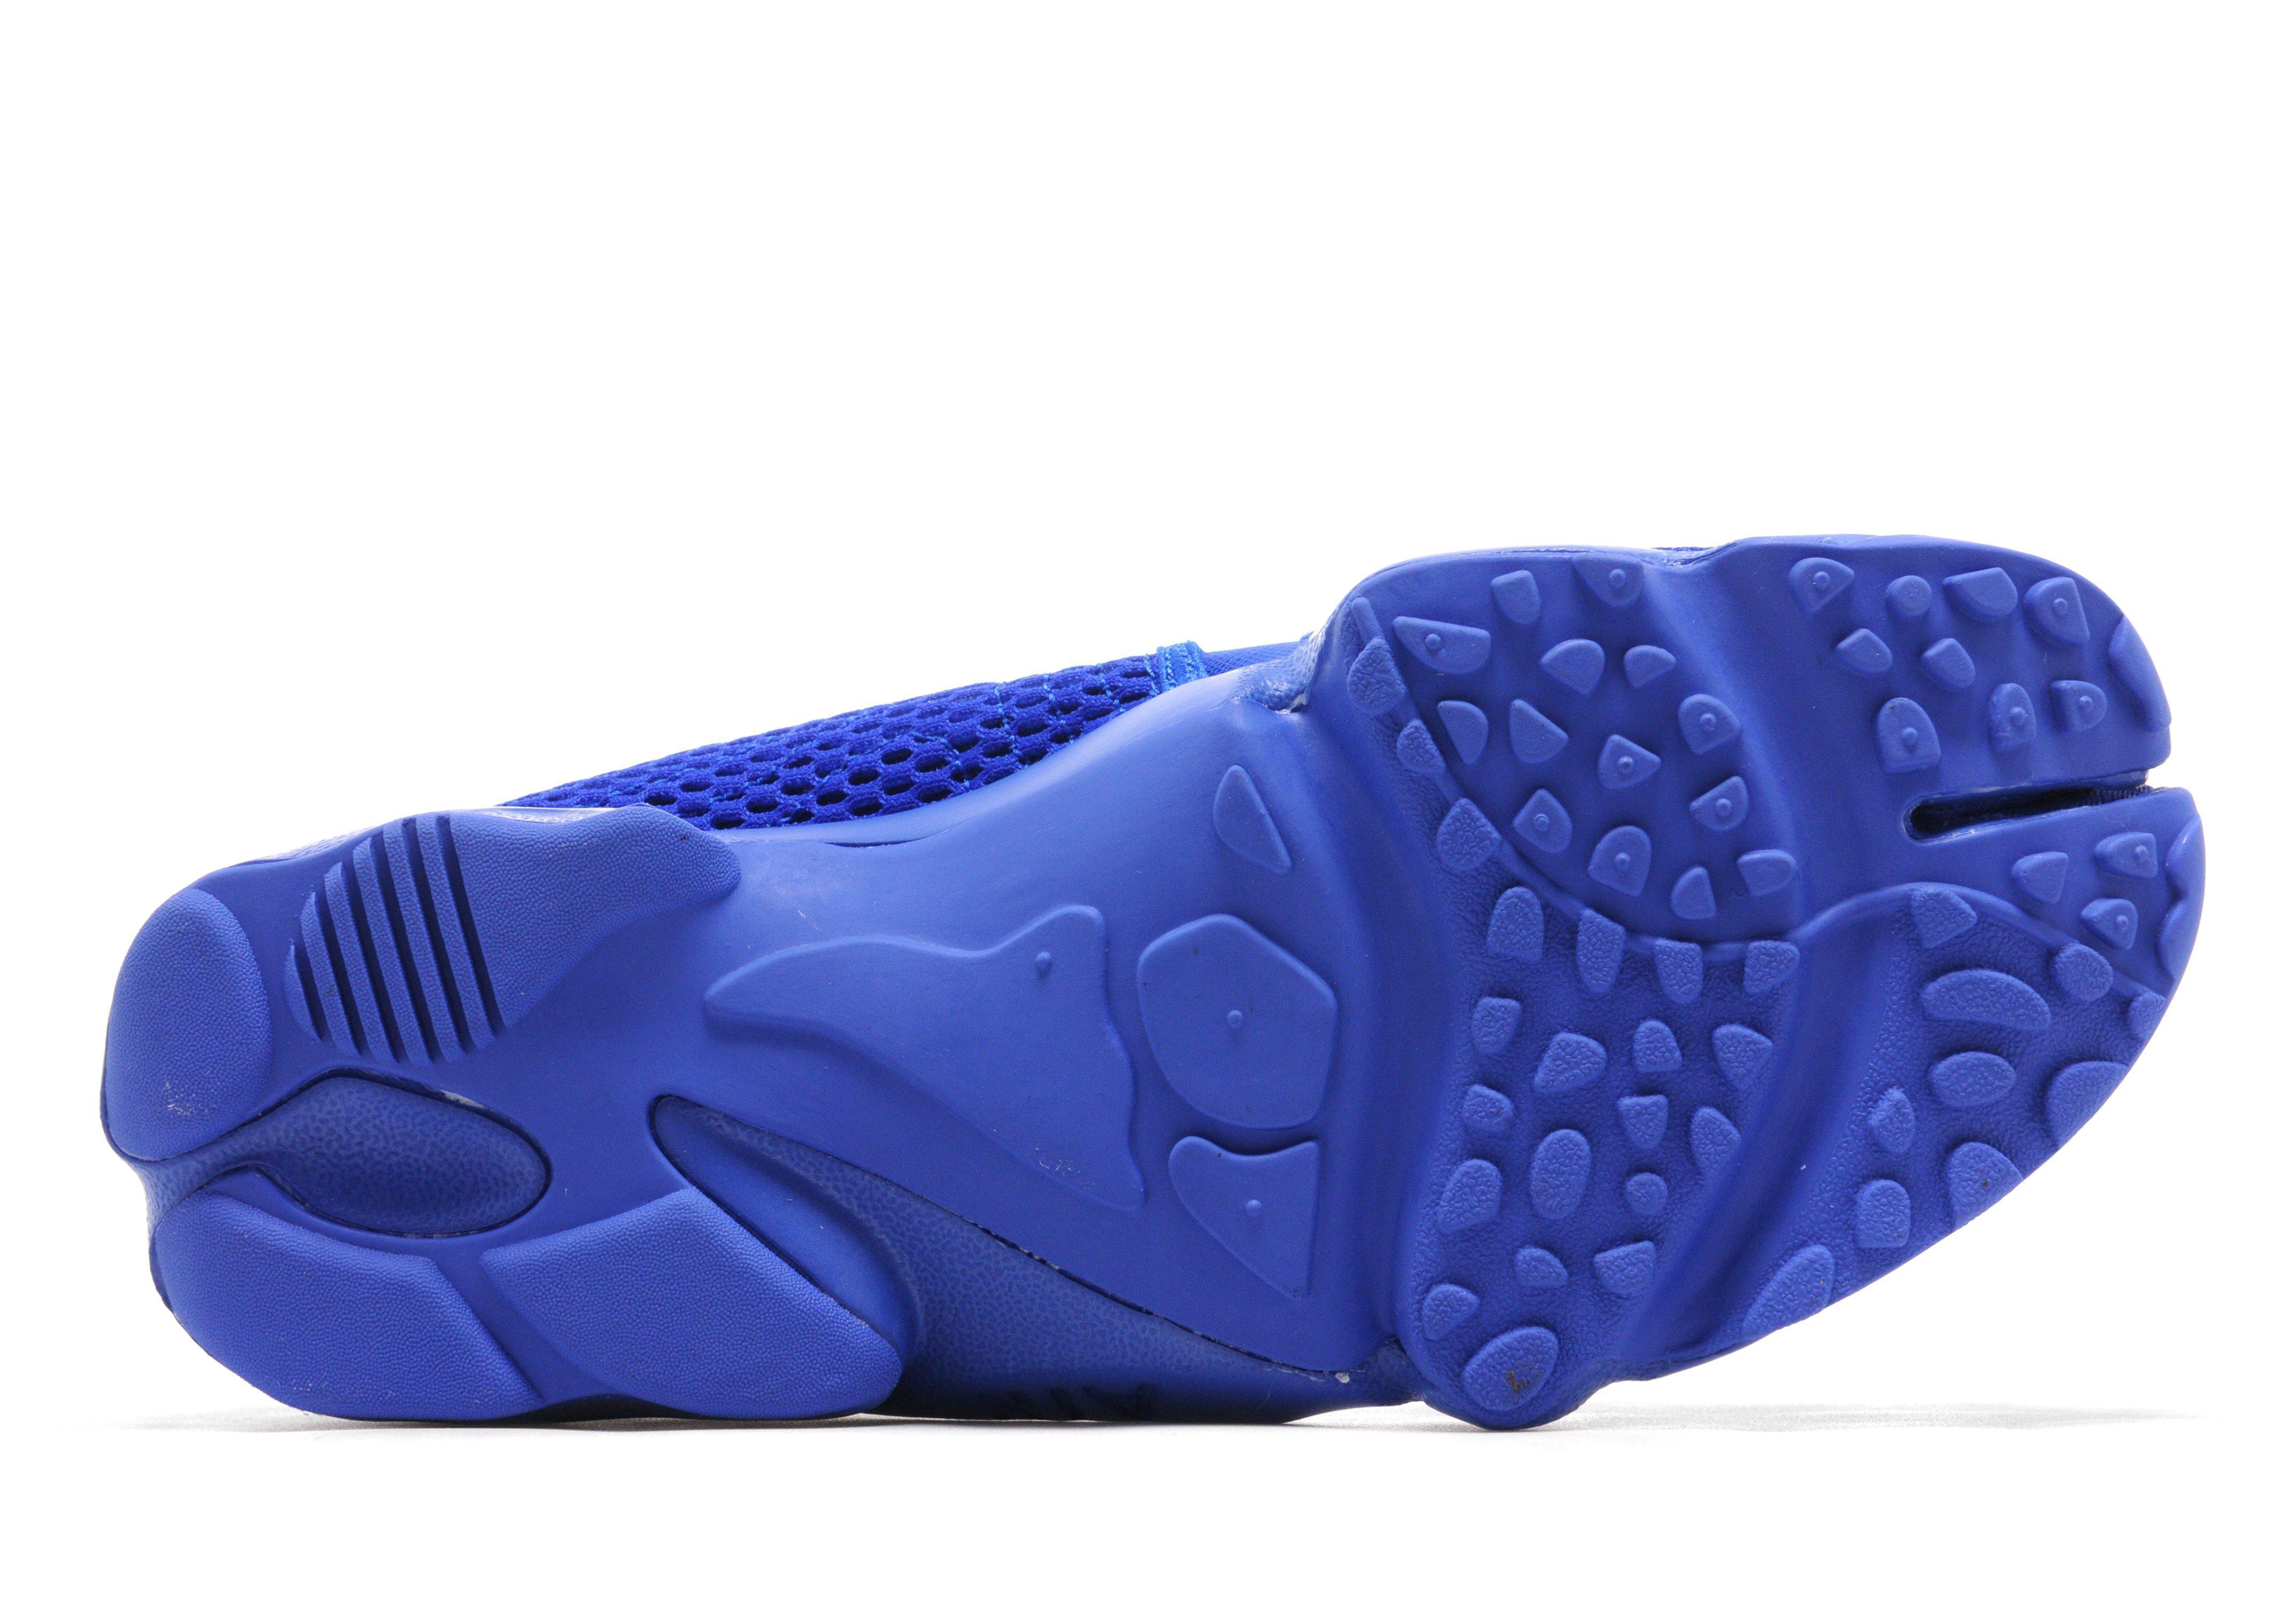 Nike Air Rift Breathe Pack in Blue for Men - Lyst 5d7138d83e94